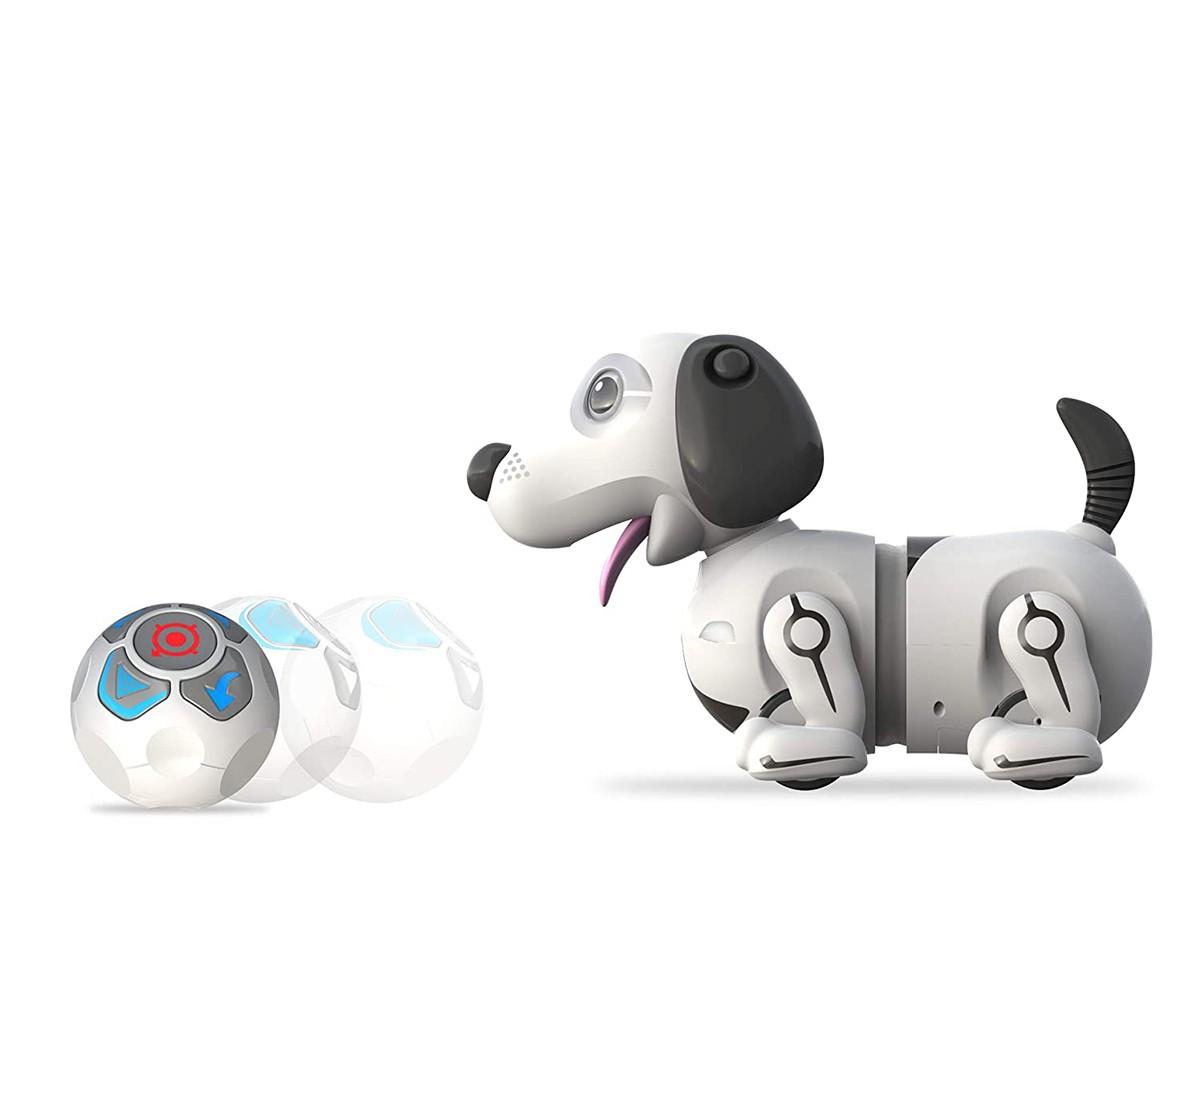 Silverlit Zigito A Robotic Puppy Robotics for Kids age 5Y+